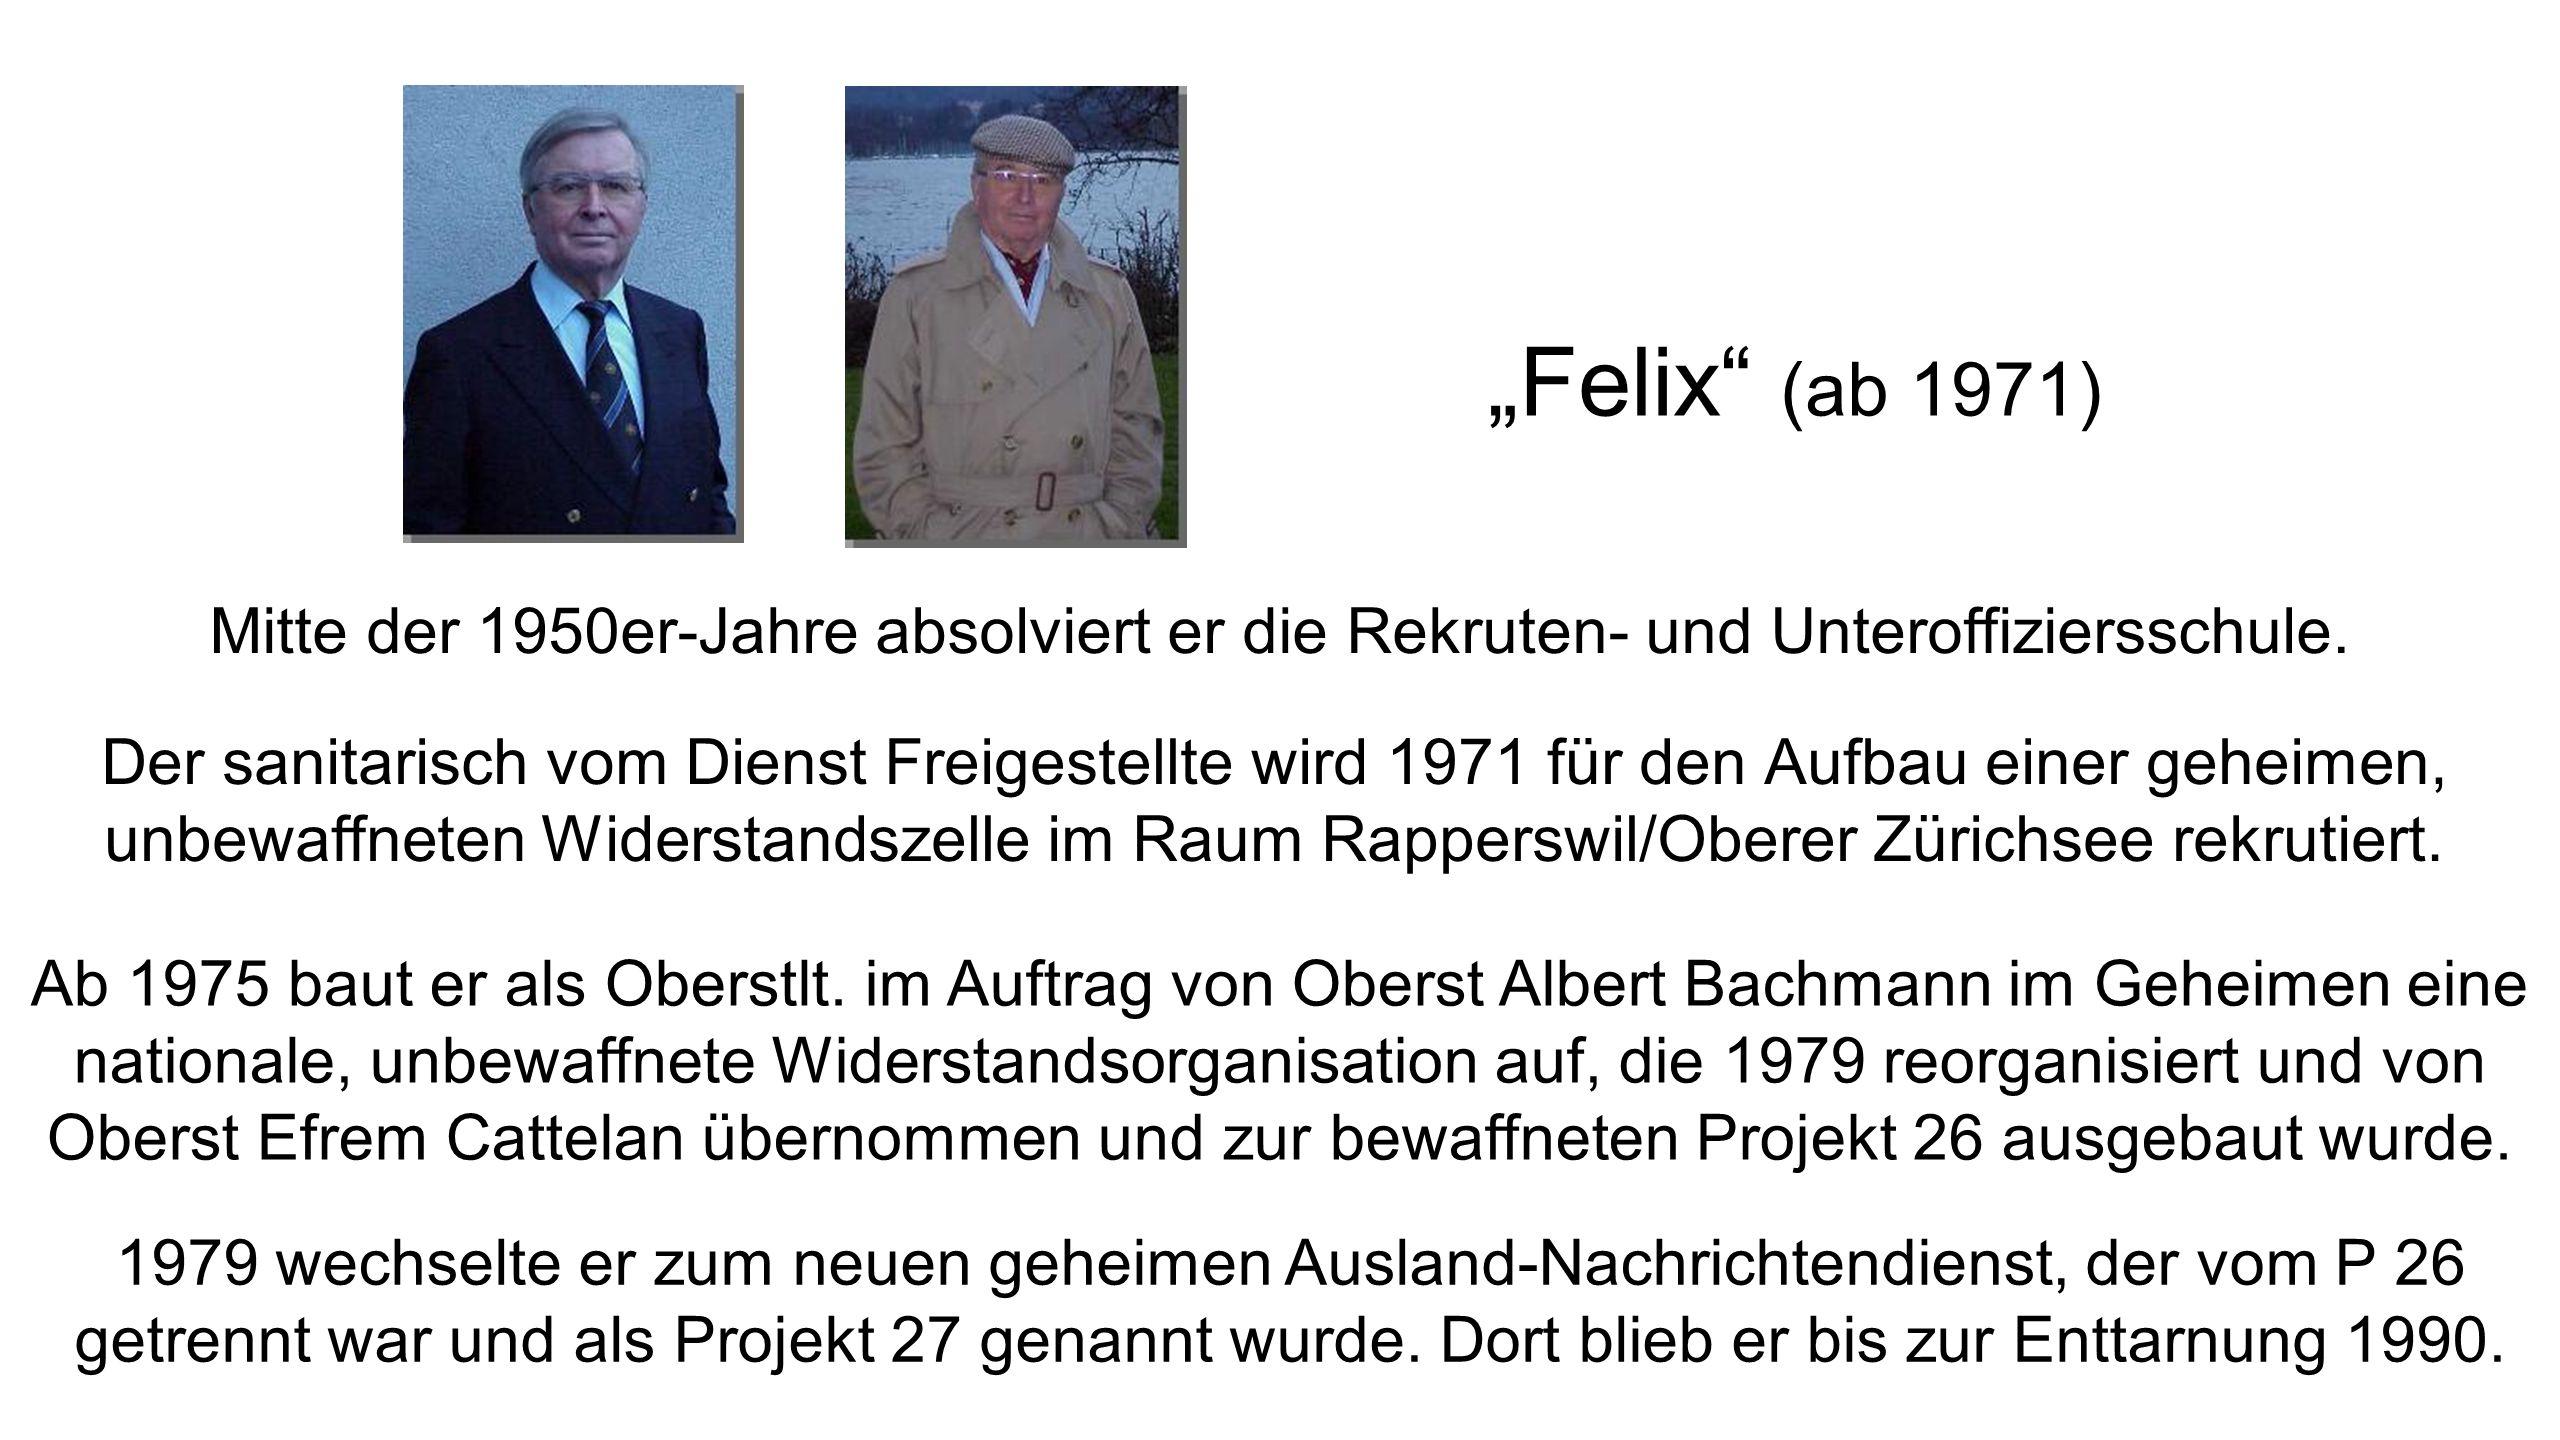 """""""Felix (ab 1971) Mitte der 1950er-Jahre absolviert er die Rekruten- und Unteroffiziersschule."""